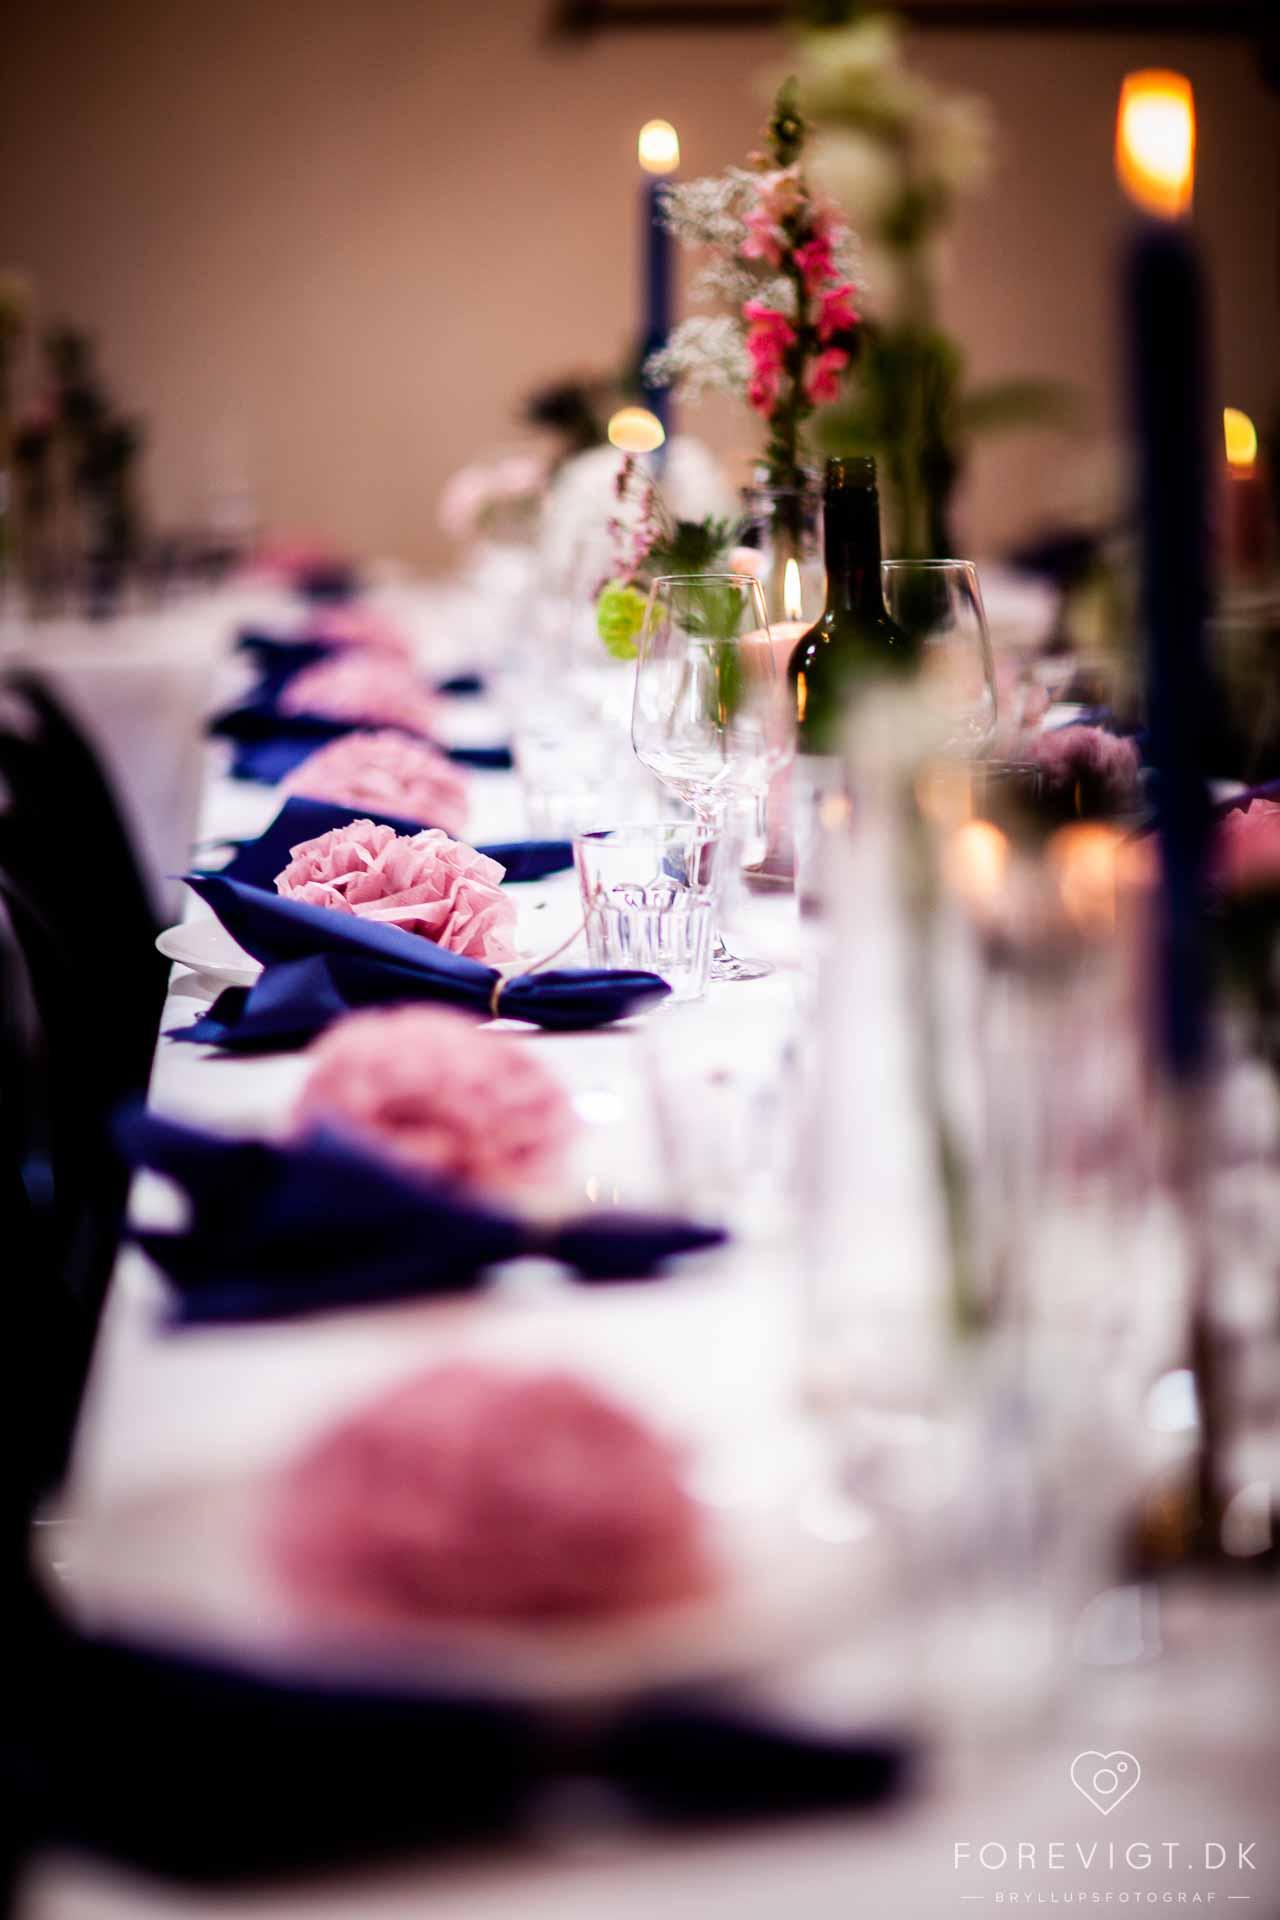 fantastisk bryllup der med 95 gæster i en stor flot lade